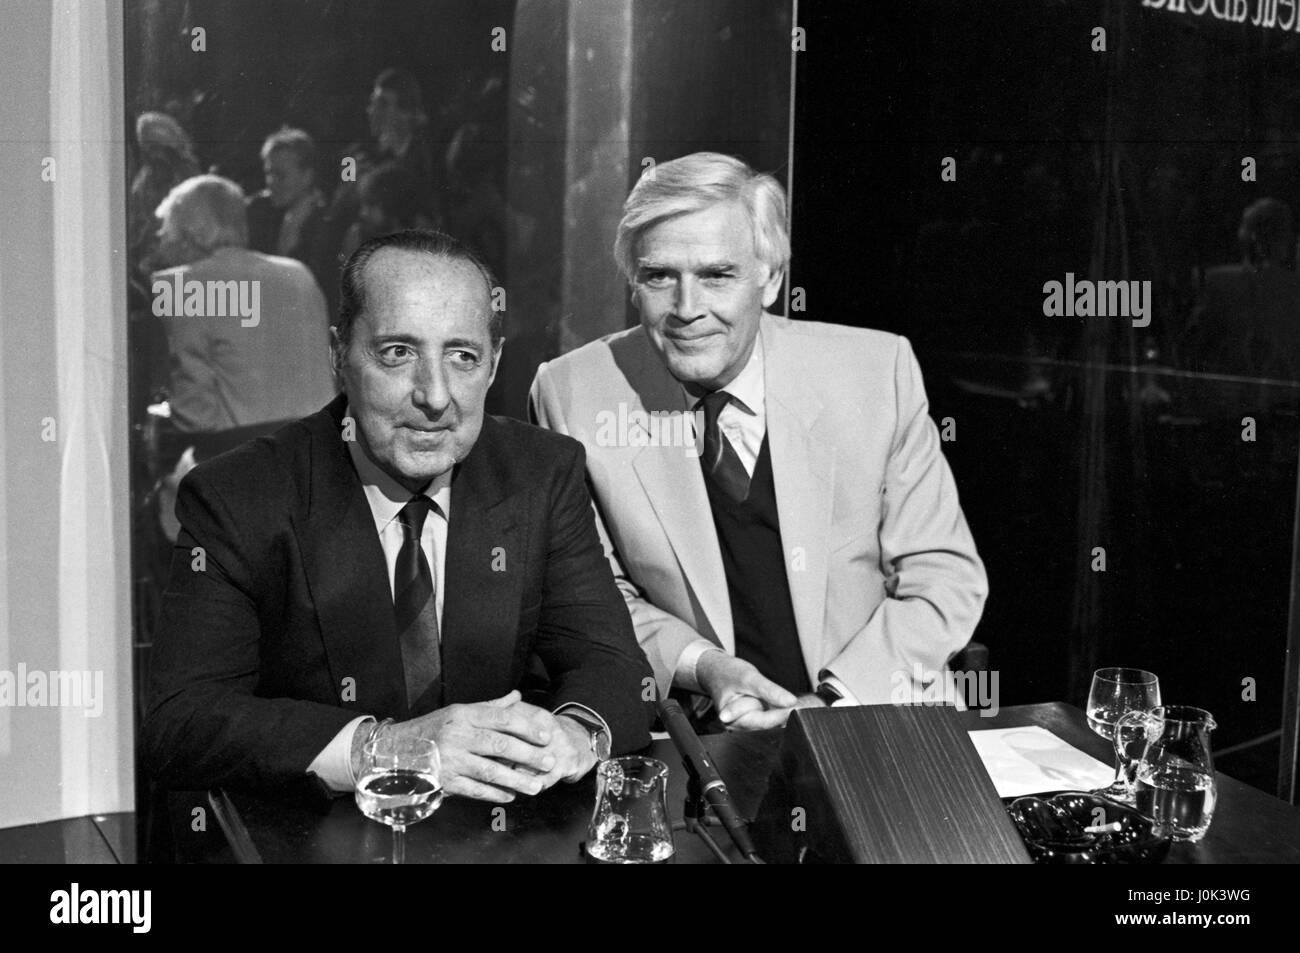 Deutsch französischer Journalist und Publizist Peter Scholl-Latour zu Gast bei Joachim Fuchsberger in dessen Stockbild